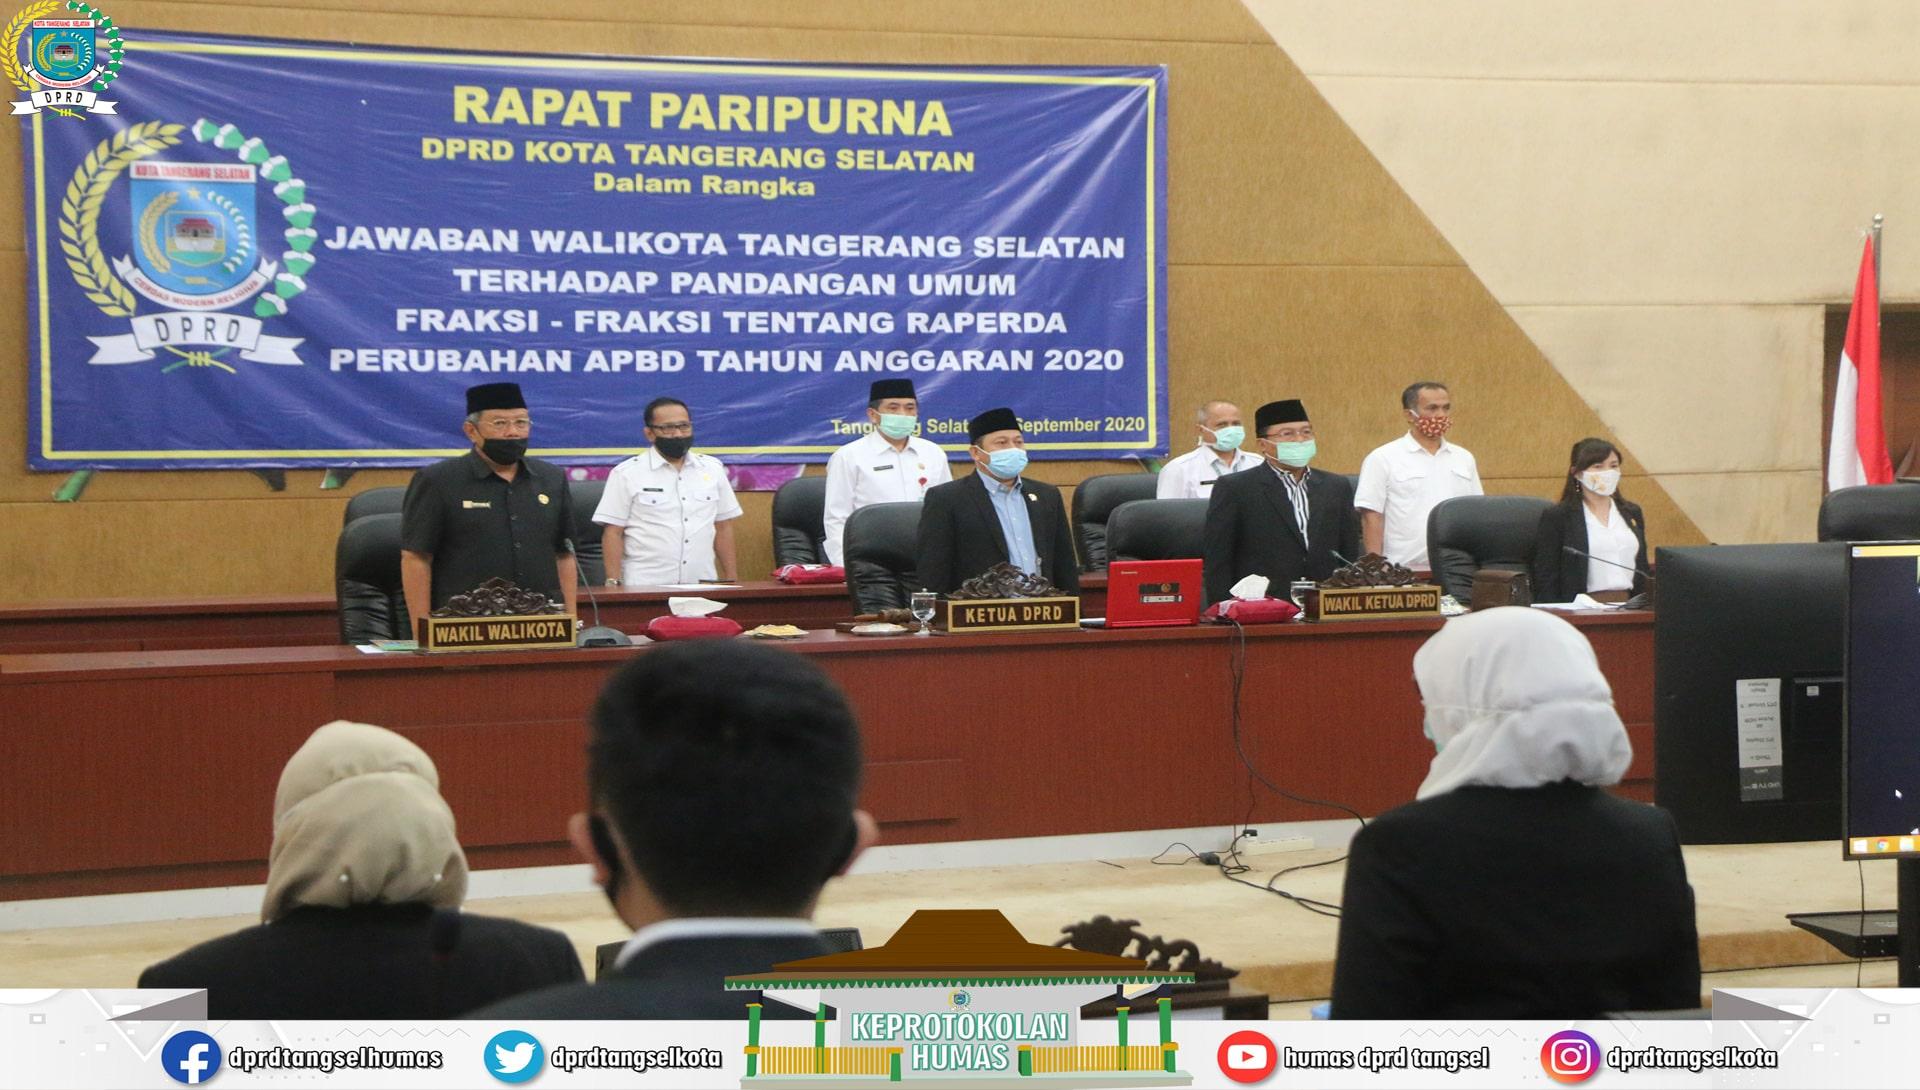 Paripurna Jawaban Walikota thd Pandum Fraksi ttg RPAPBD TA 2020